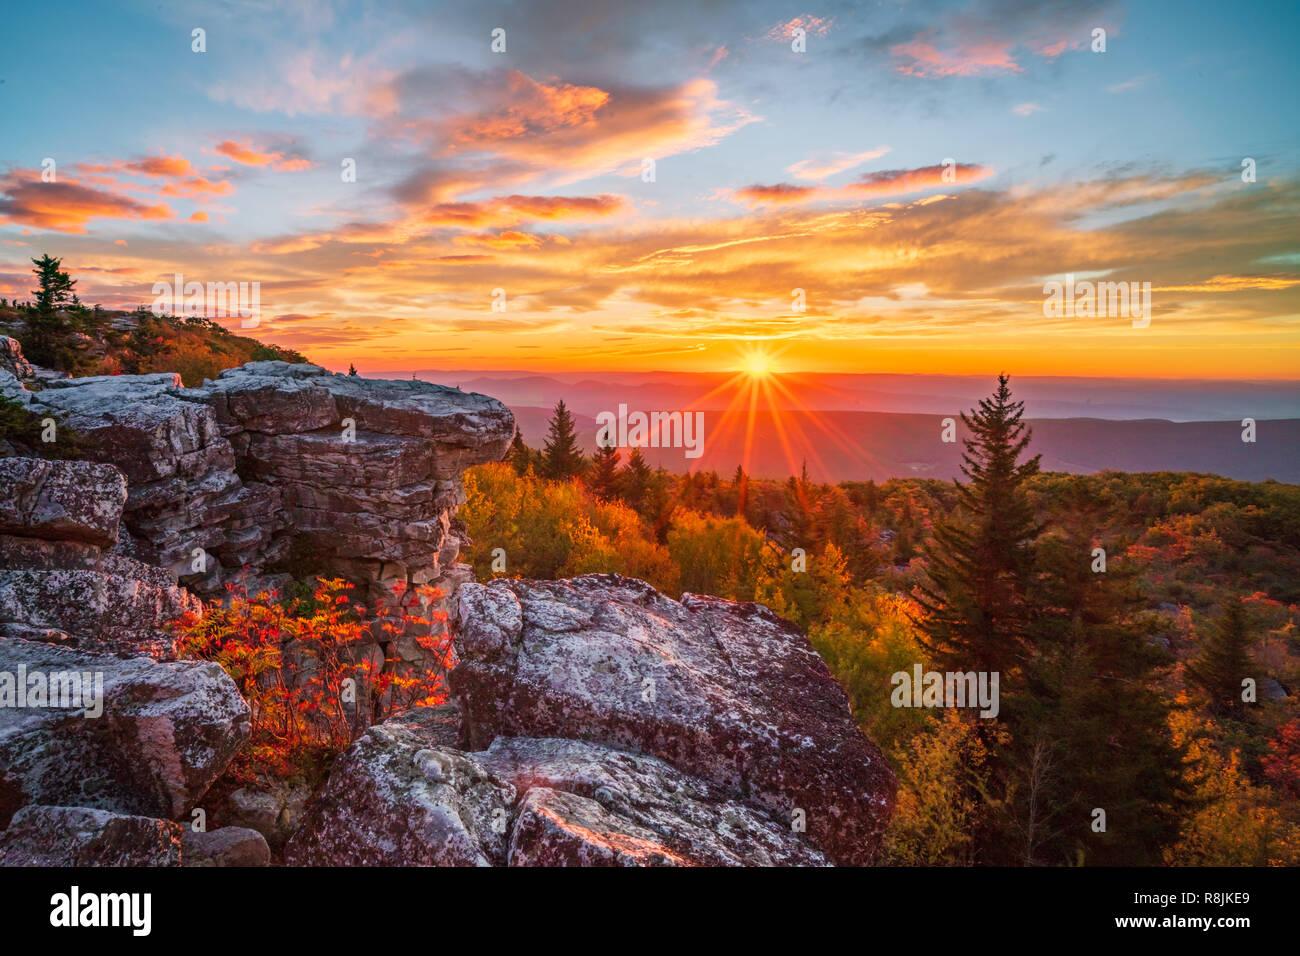 Il sole sorge su un crinale negli altopiani del West Virginia. Foto Stock